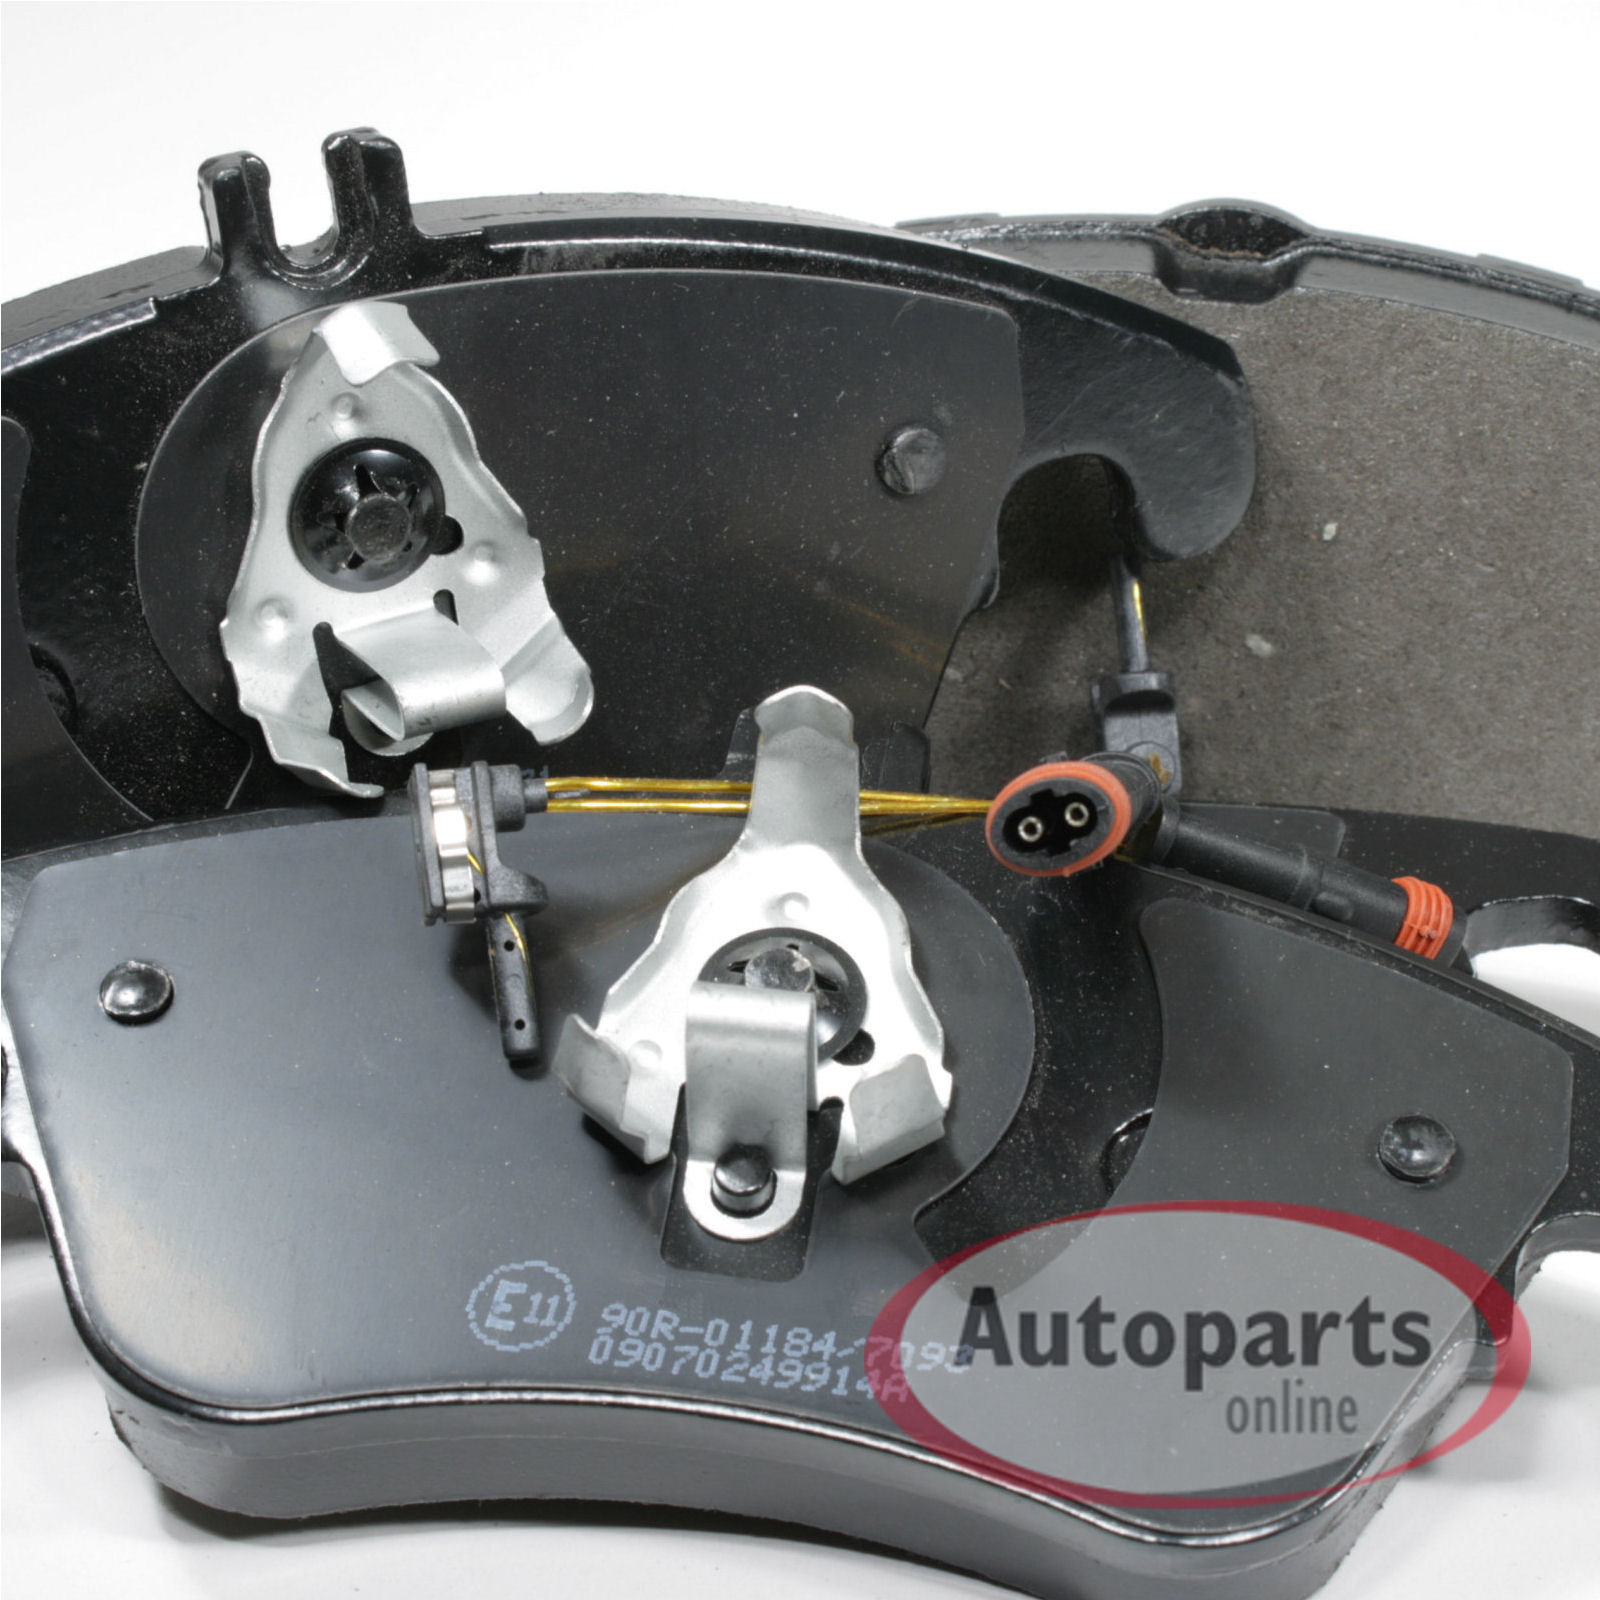 Mercedes Sprinter 901 902 903 2-t 3-t Bremsbeläge Warnkontakte vorne hinten